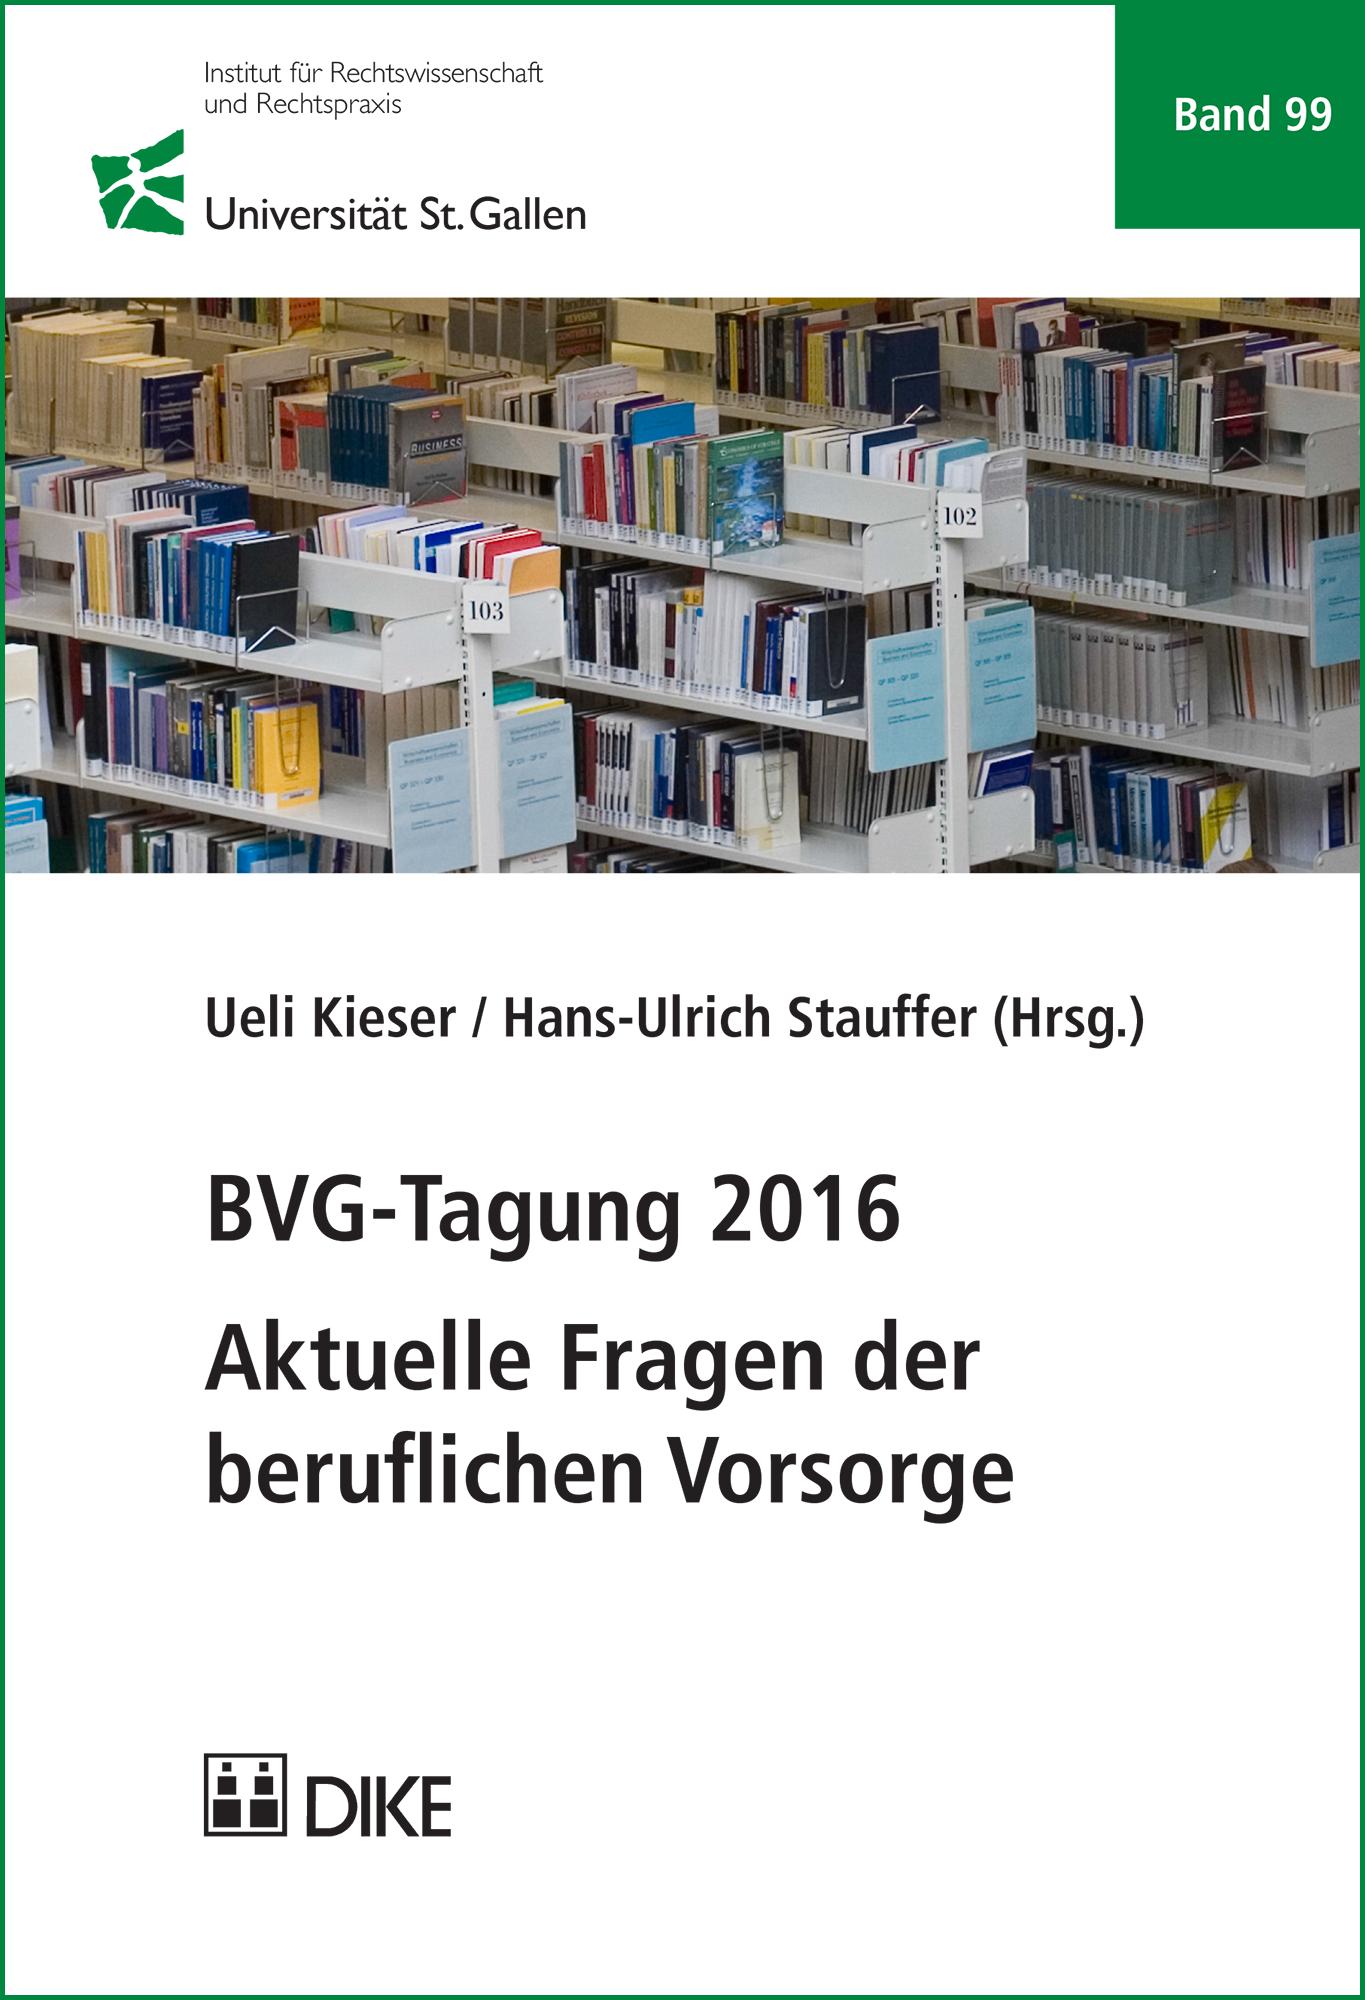 BVG-Tagung 2016